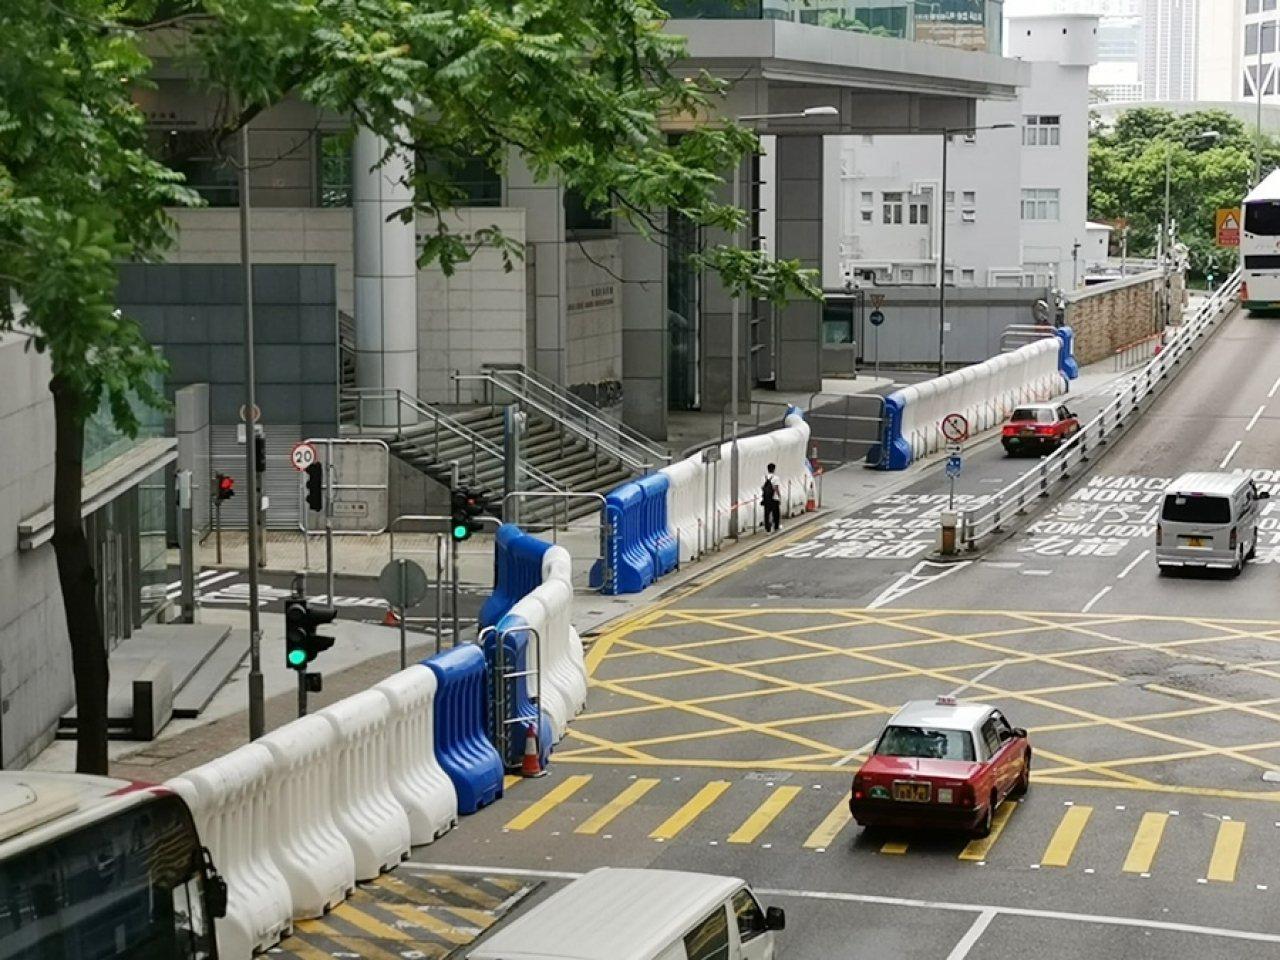 民陣再發起反修例遊行,多處包括警察總部外已擺放大型水馬加強戒備。取自香港電台